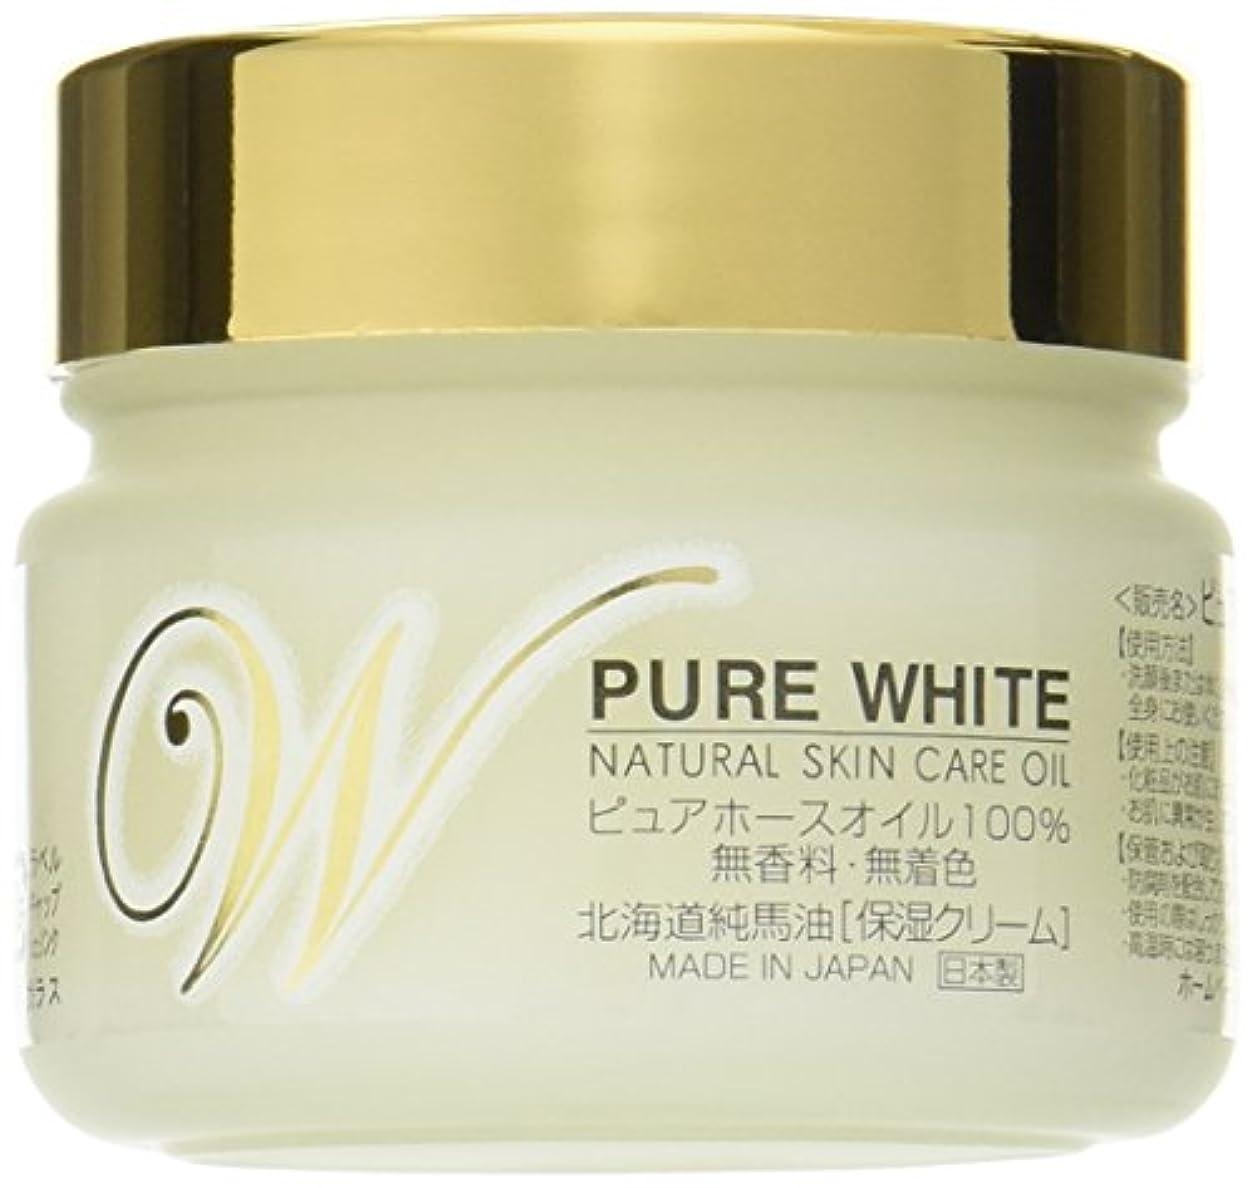 大寝具遮る北海道純馬油本舗 ピュアホワイト ピュアホースオイル100% 保湿クリーム 無香料無着色 100g